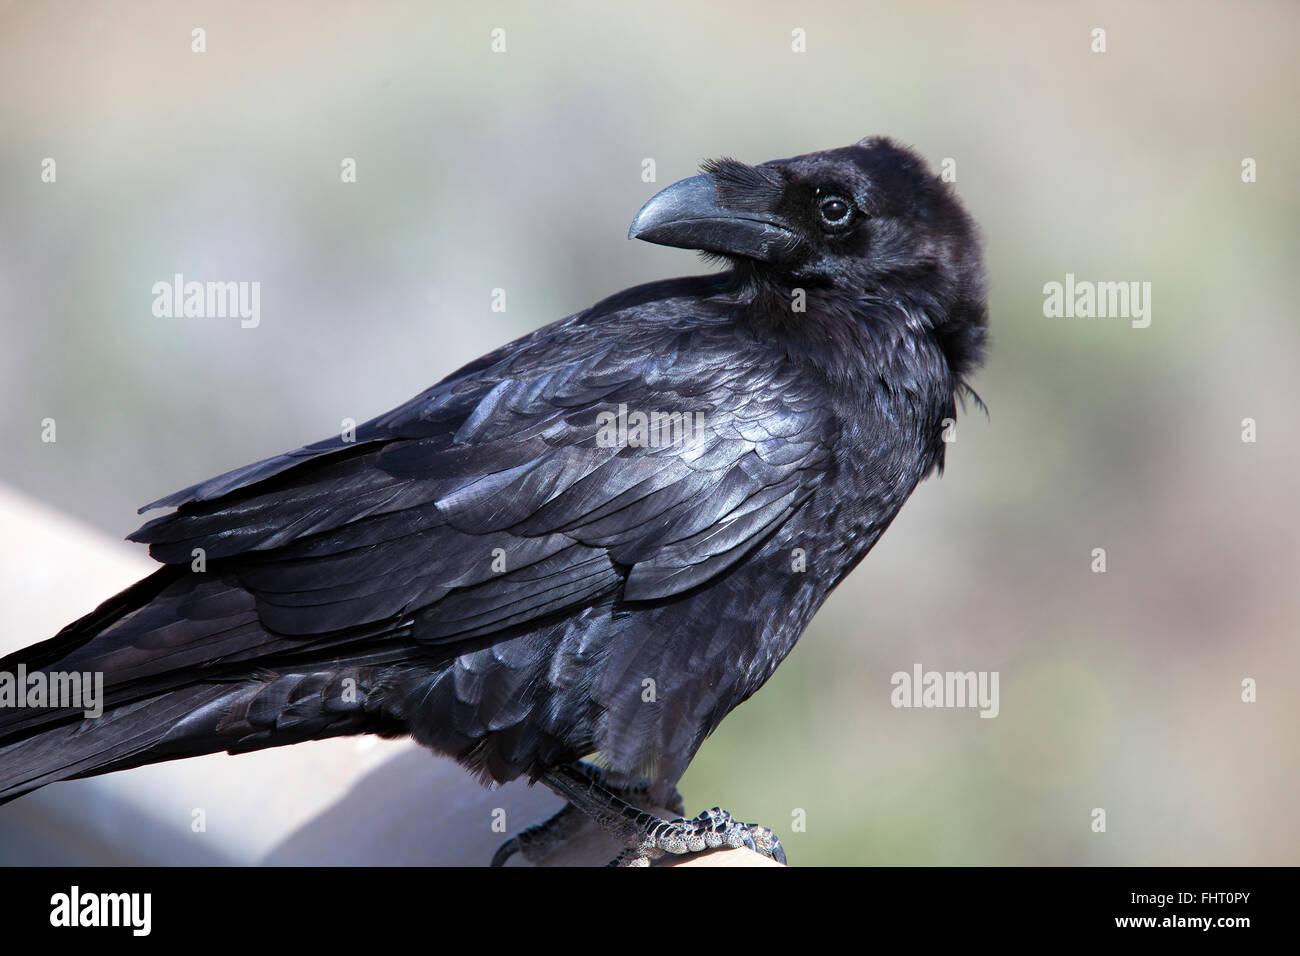 Kolkrabe (Corvus Corax), ab, Kanarische Inseln, Spanien. Stockbild